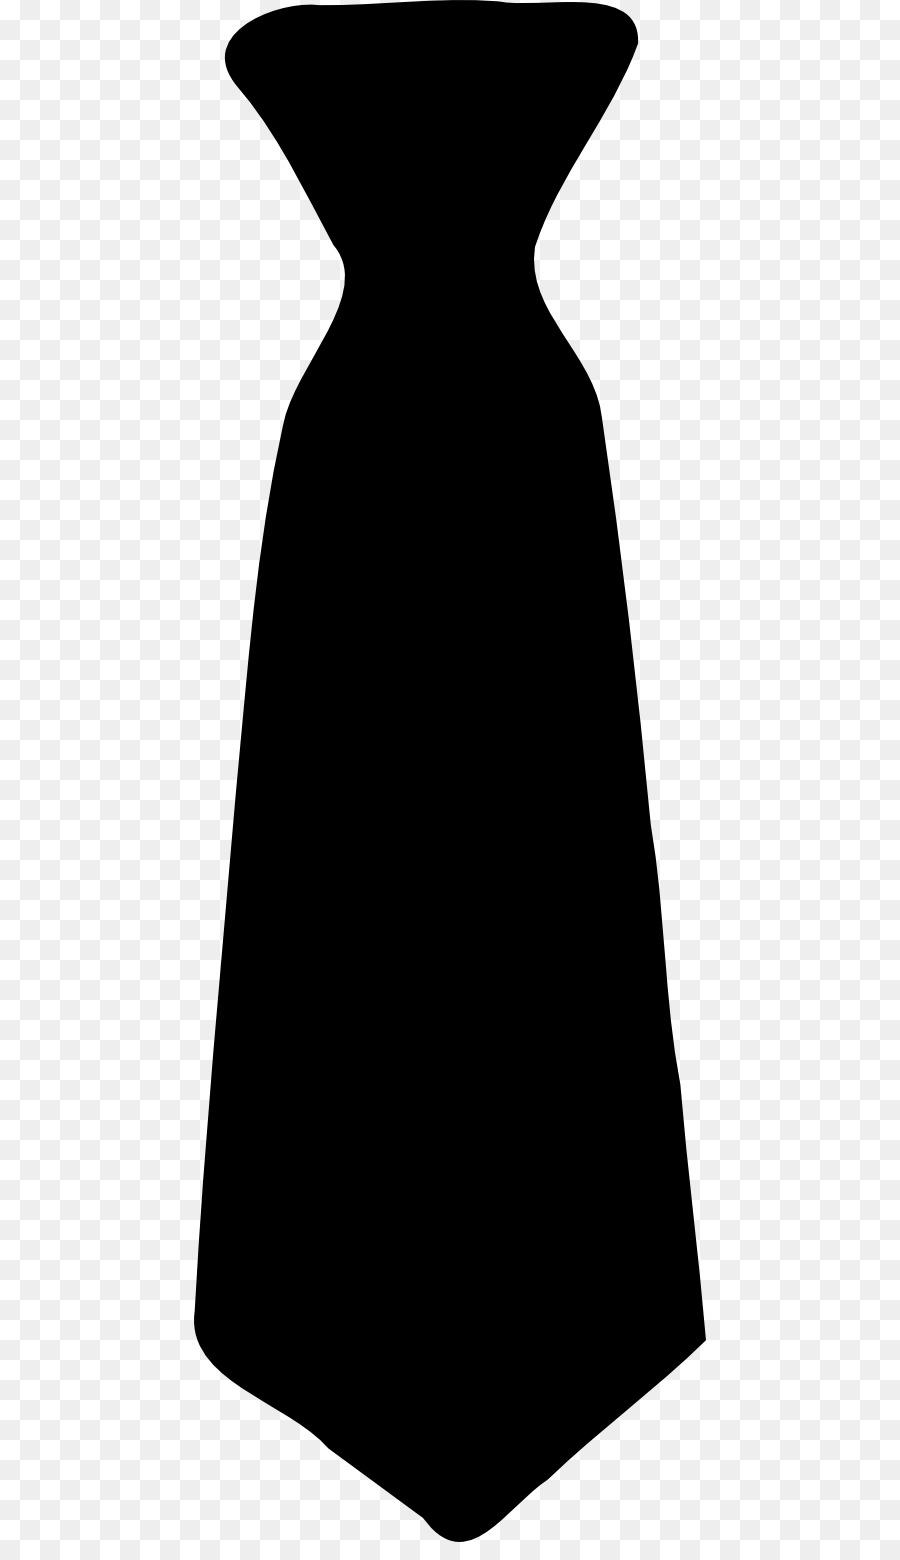 necktie bow tie tie clip suit clip art chalkboard png download rh kisspng com necktie clipart black and white necktie clipart png